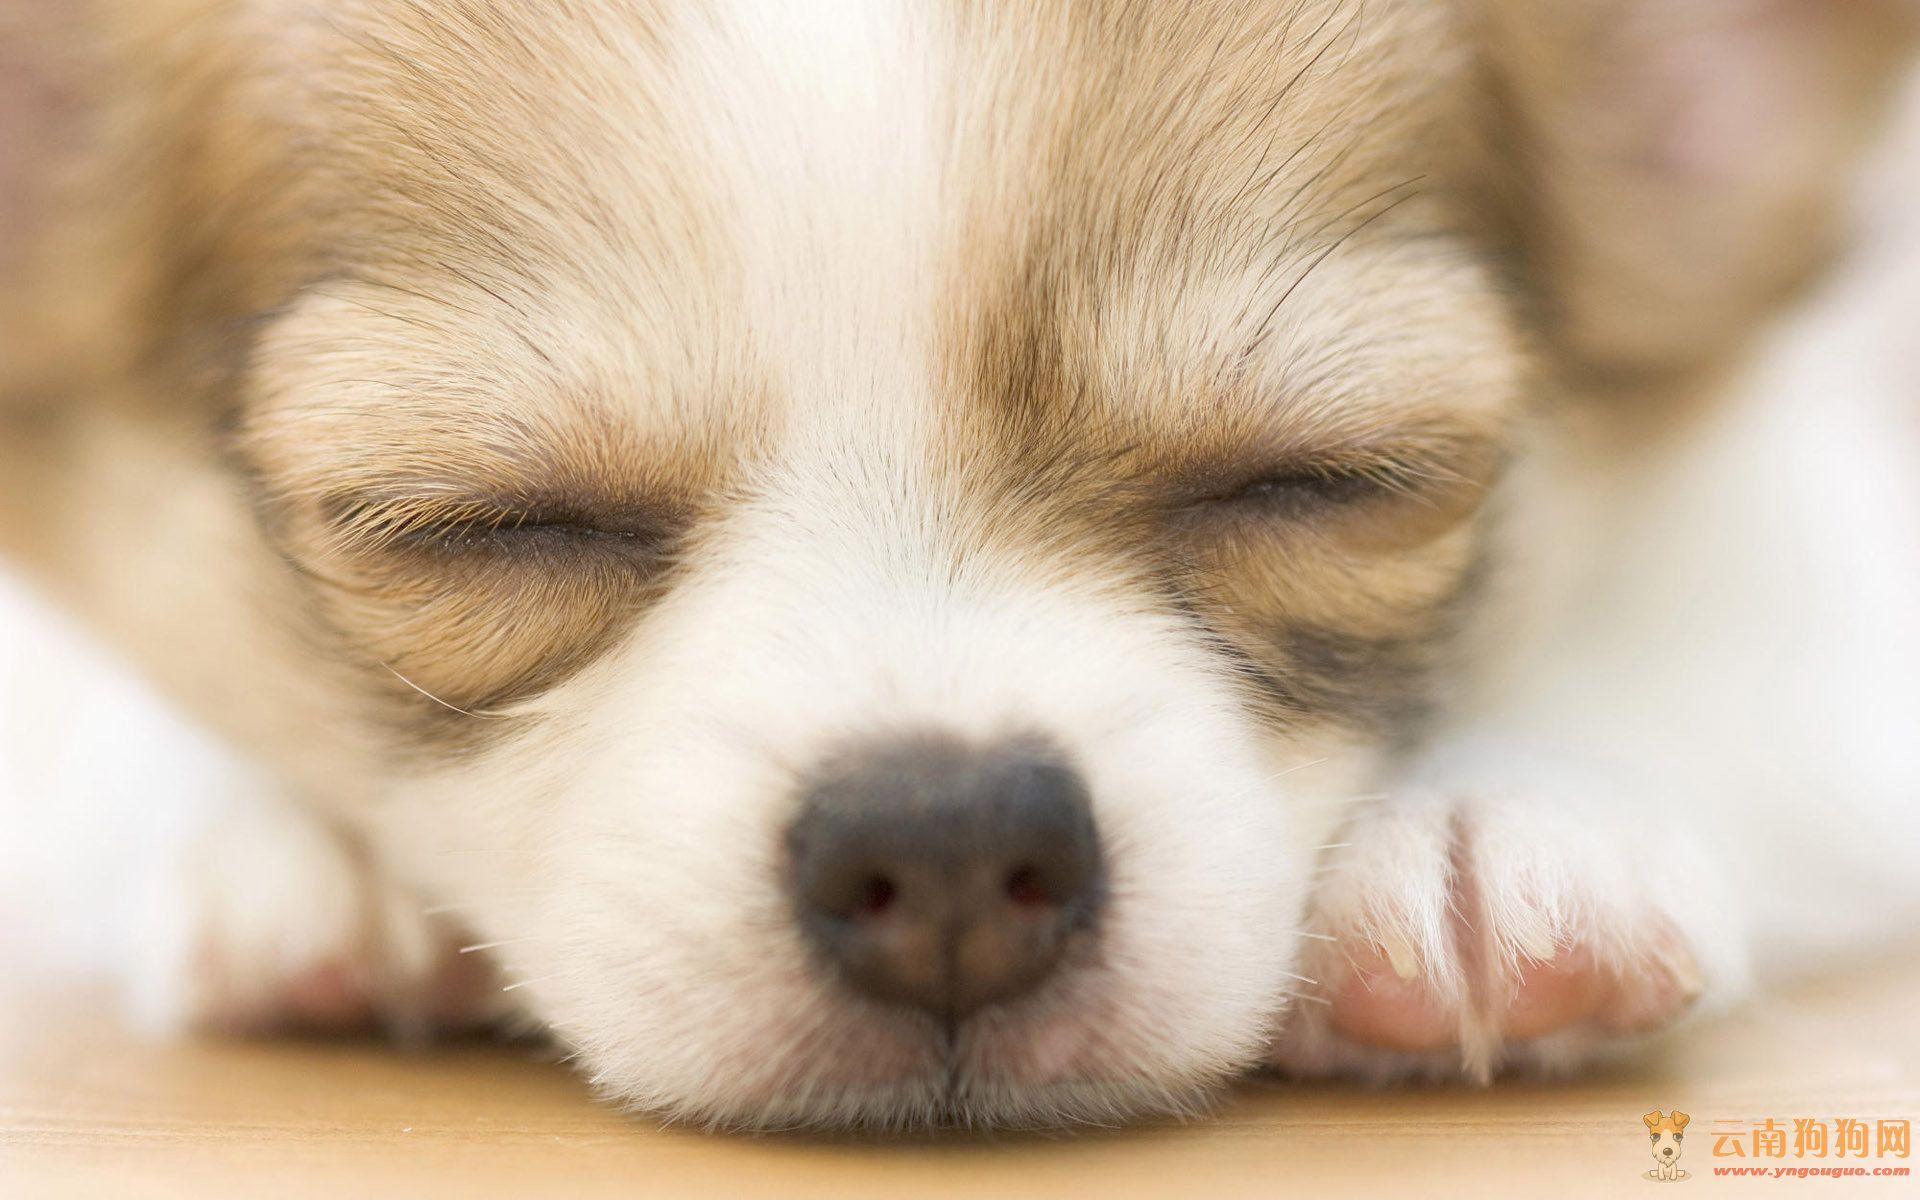 可爱小狗写真图片-狗狗欣赏